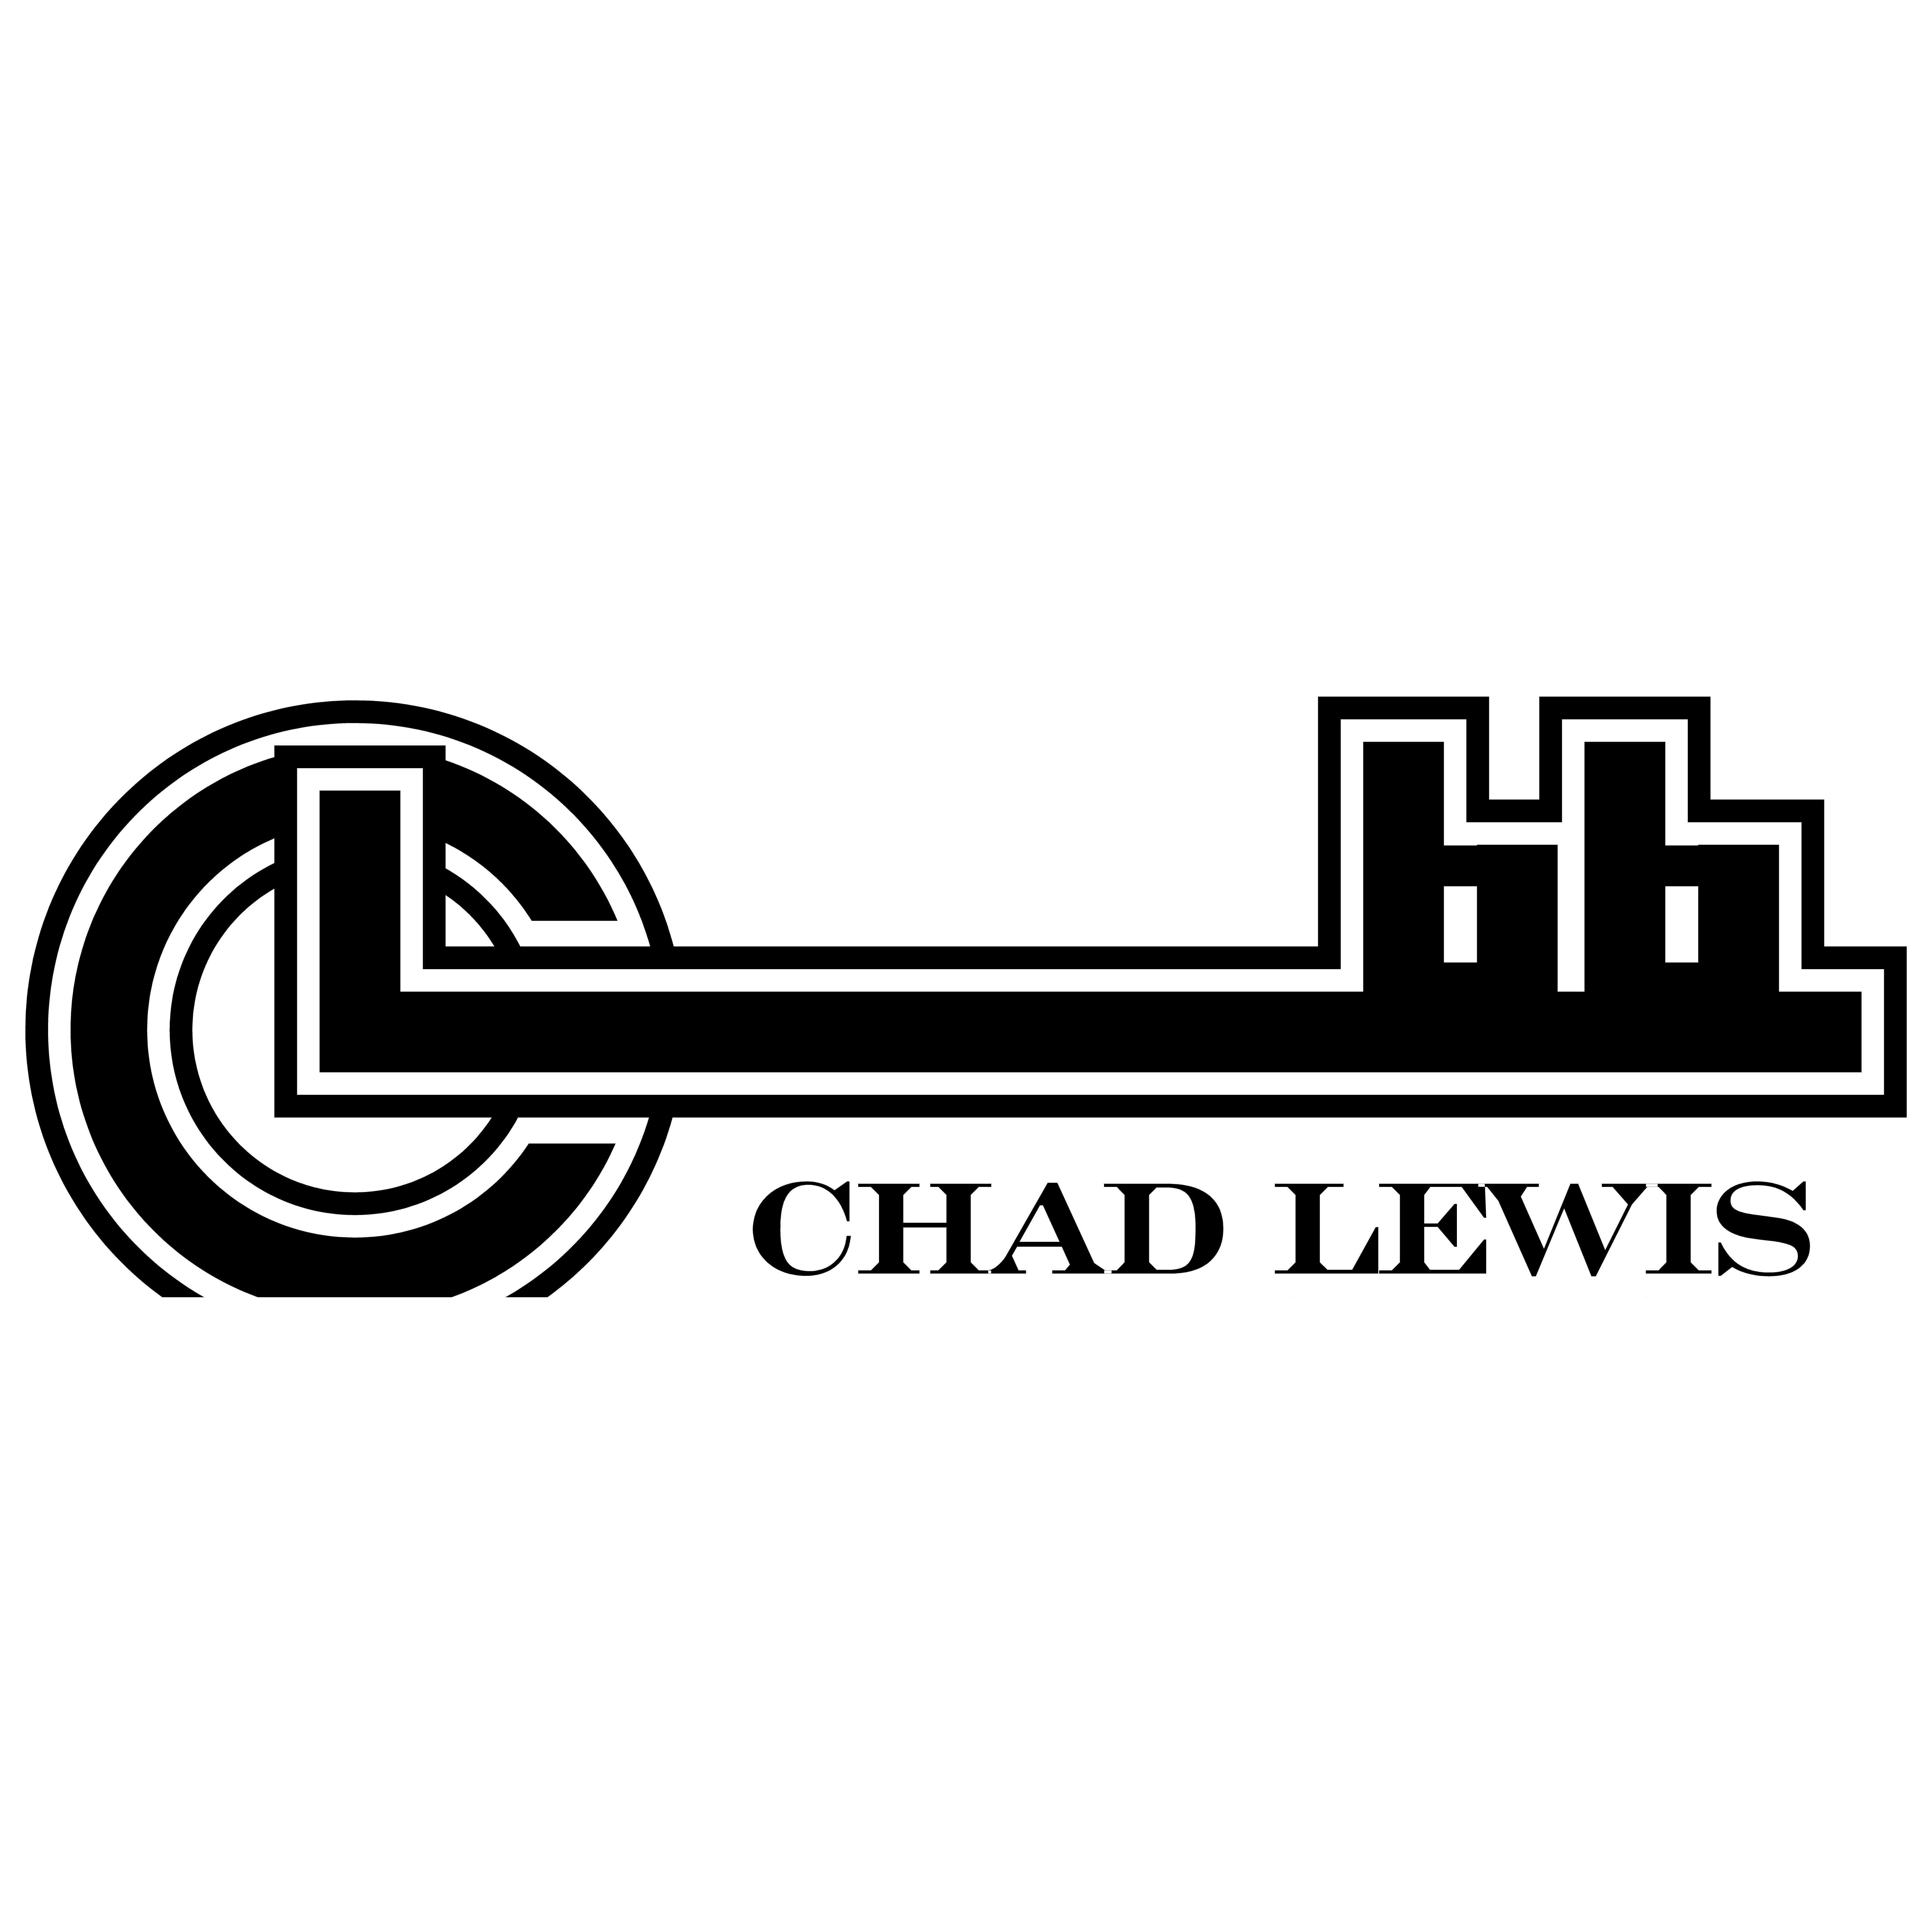 Chad Lewis Bail Bonding LLC image 0